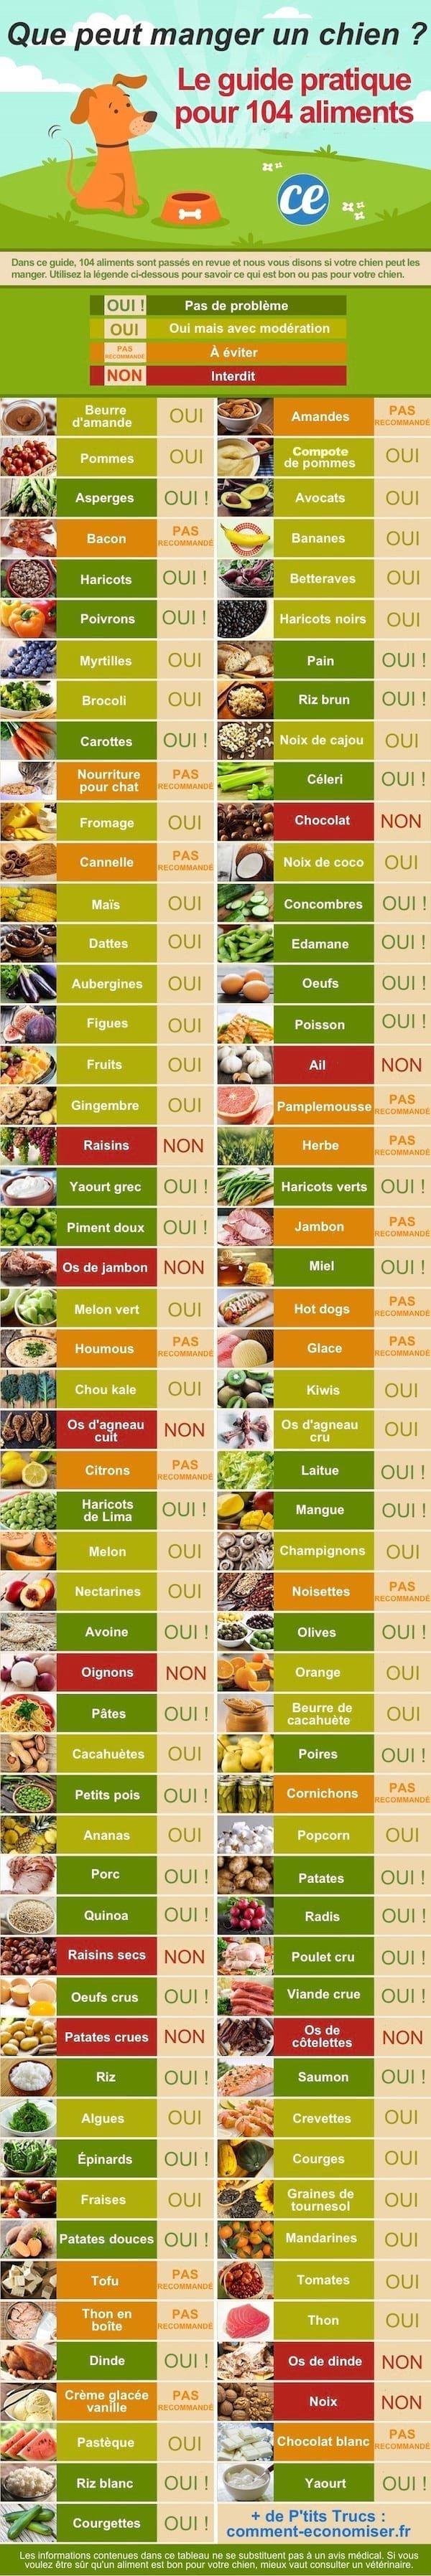 Quels Sont les Aliments Que Peut Manger un Chien ? Le Guide Pratique Pour + de 100 Aliments.